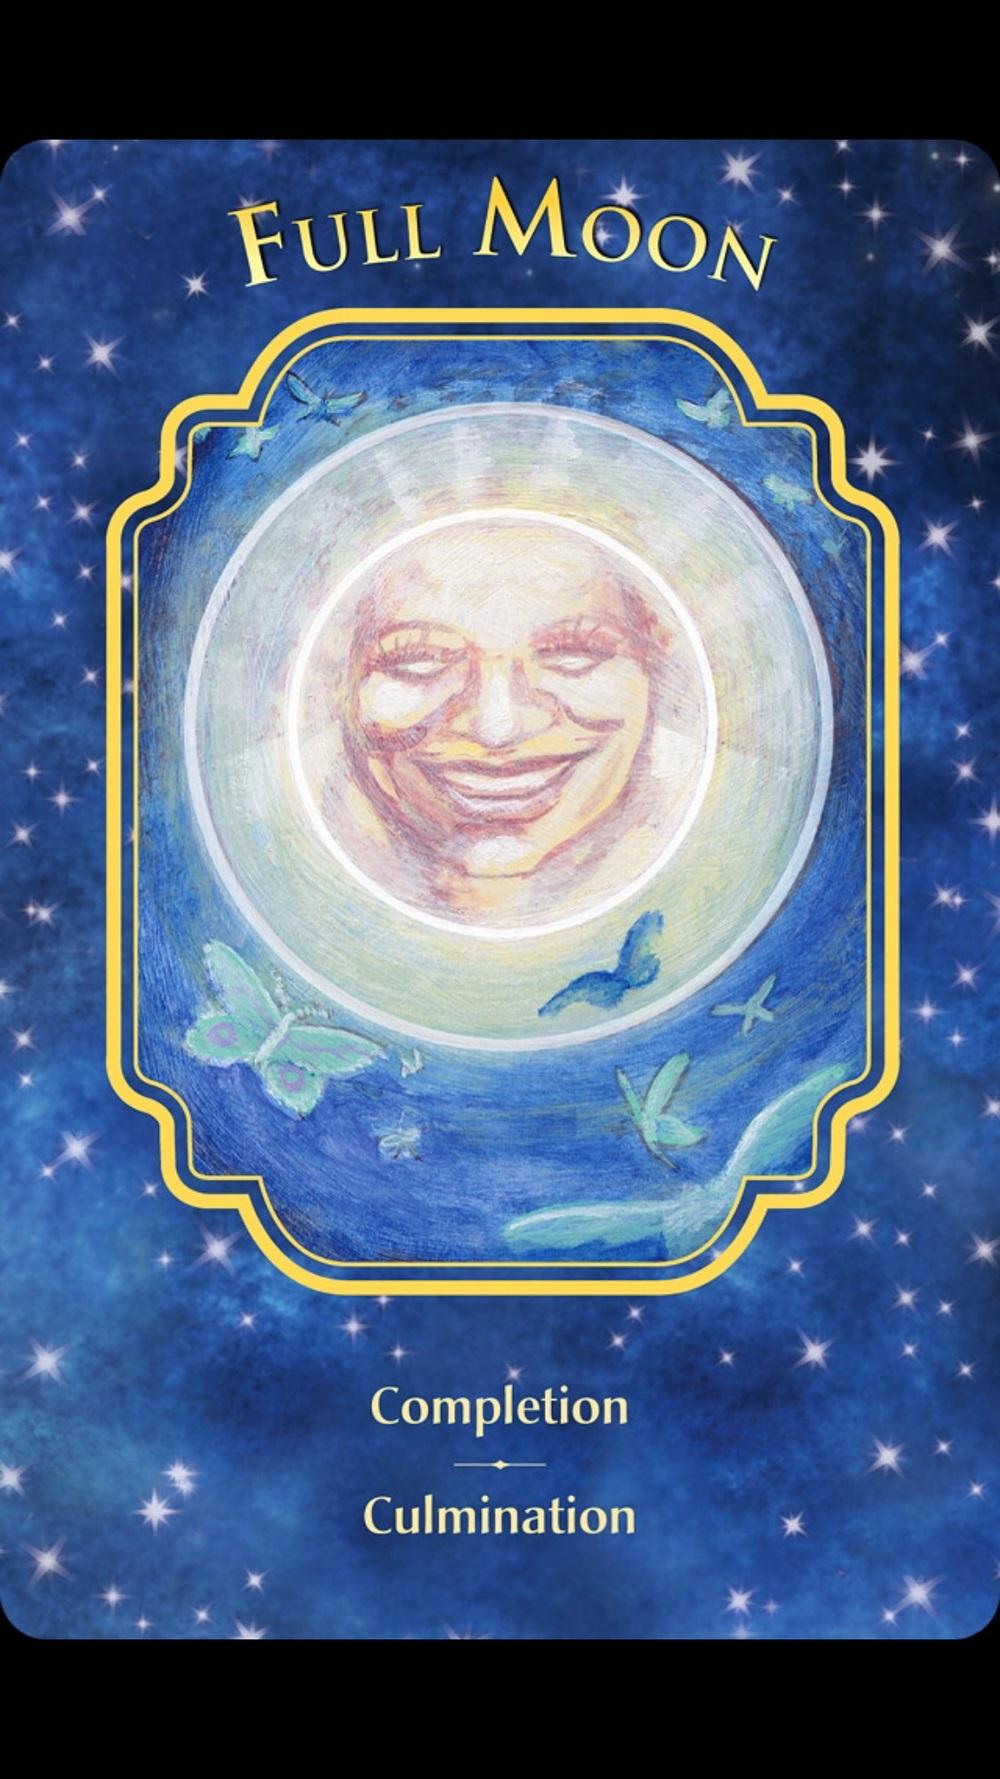 Deck Used: Angel Dreams Oracle